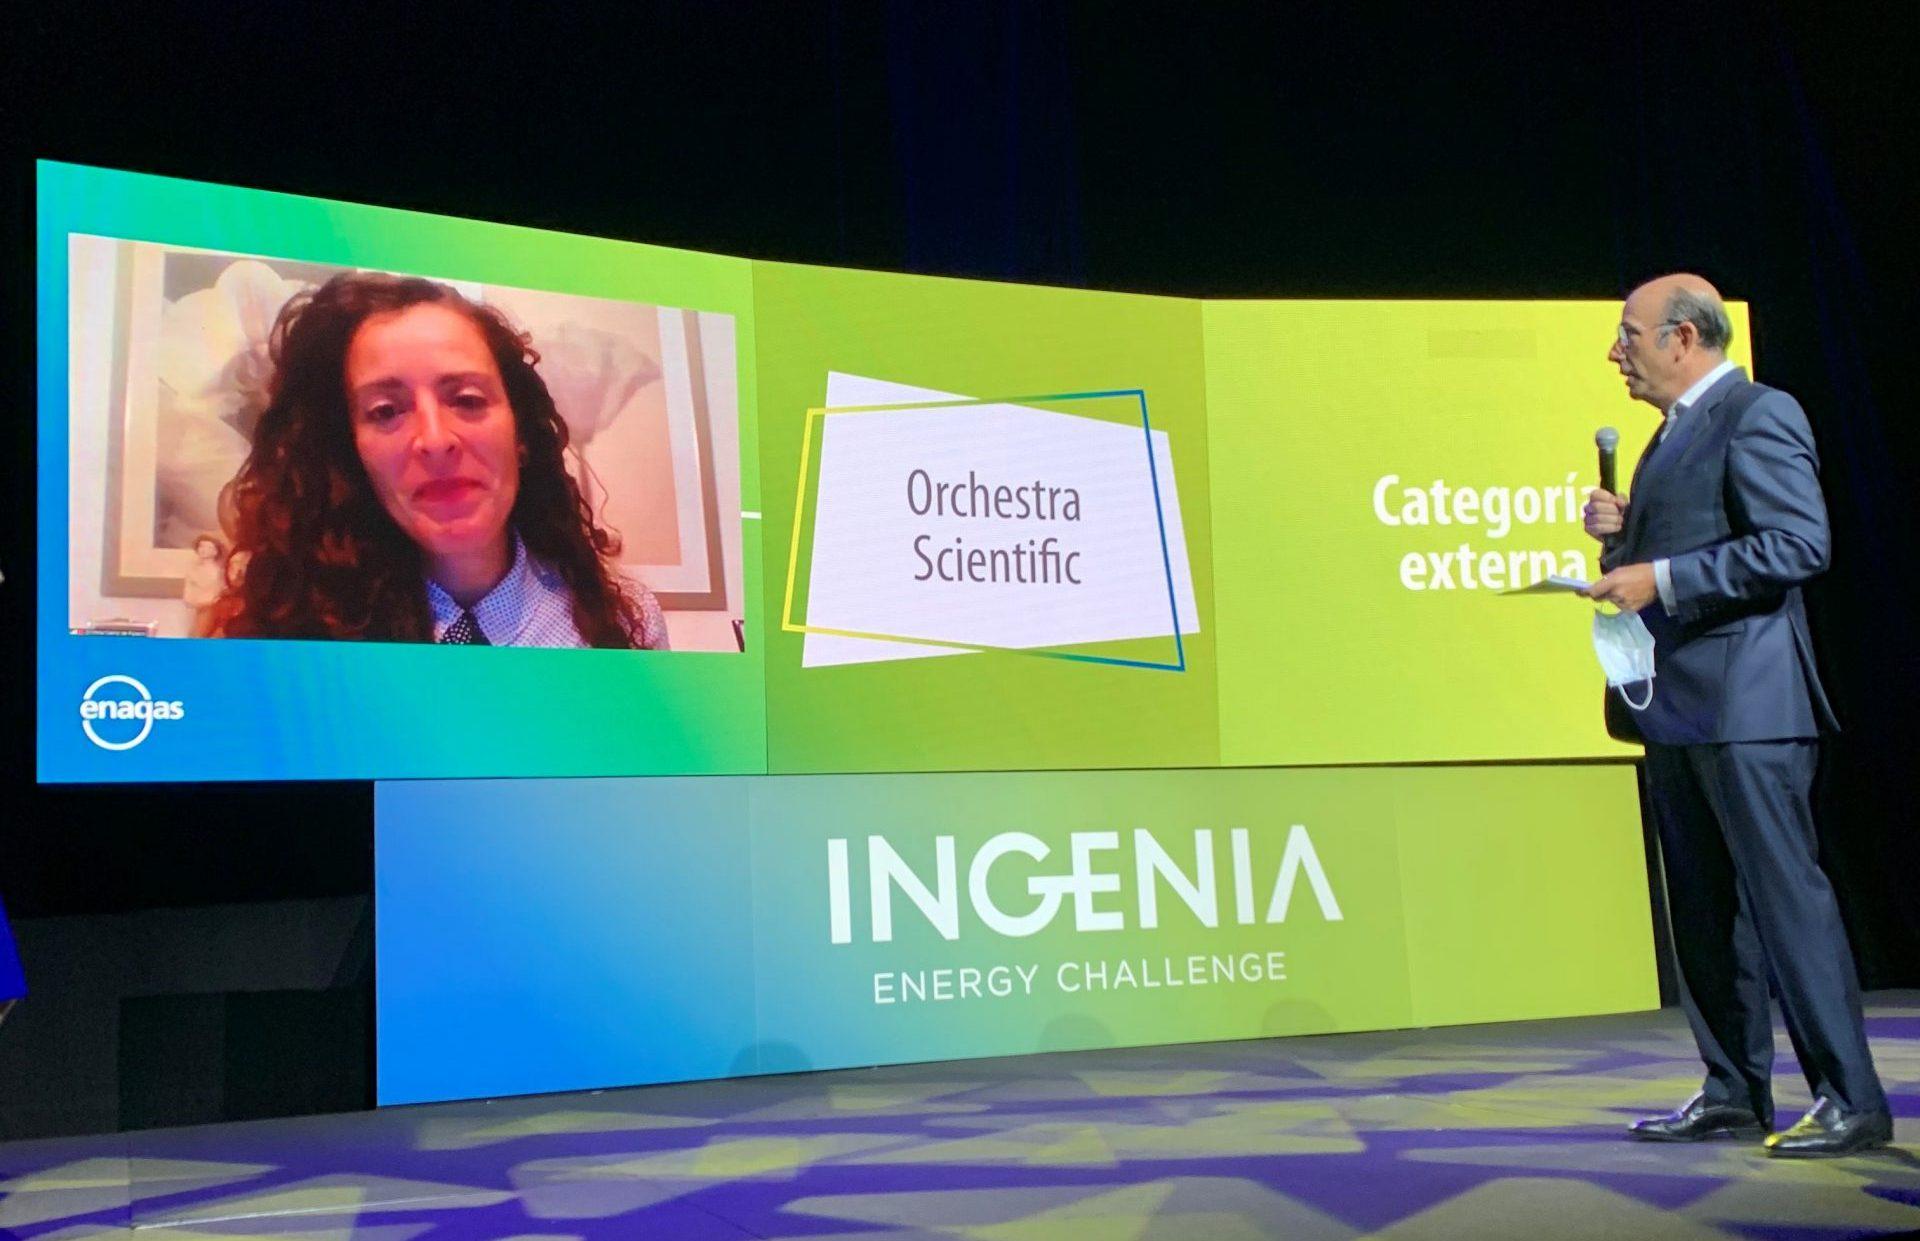 Los premios 'Ingenia Energy Challenge' impulsan proyectos pioneros para la transición energética